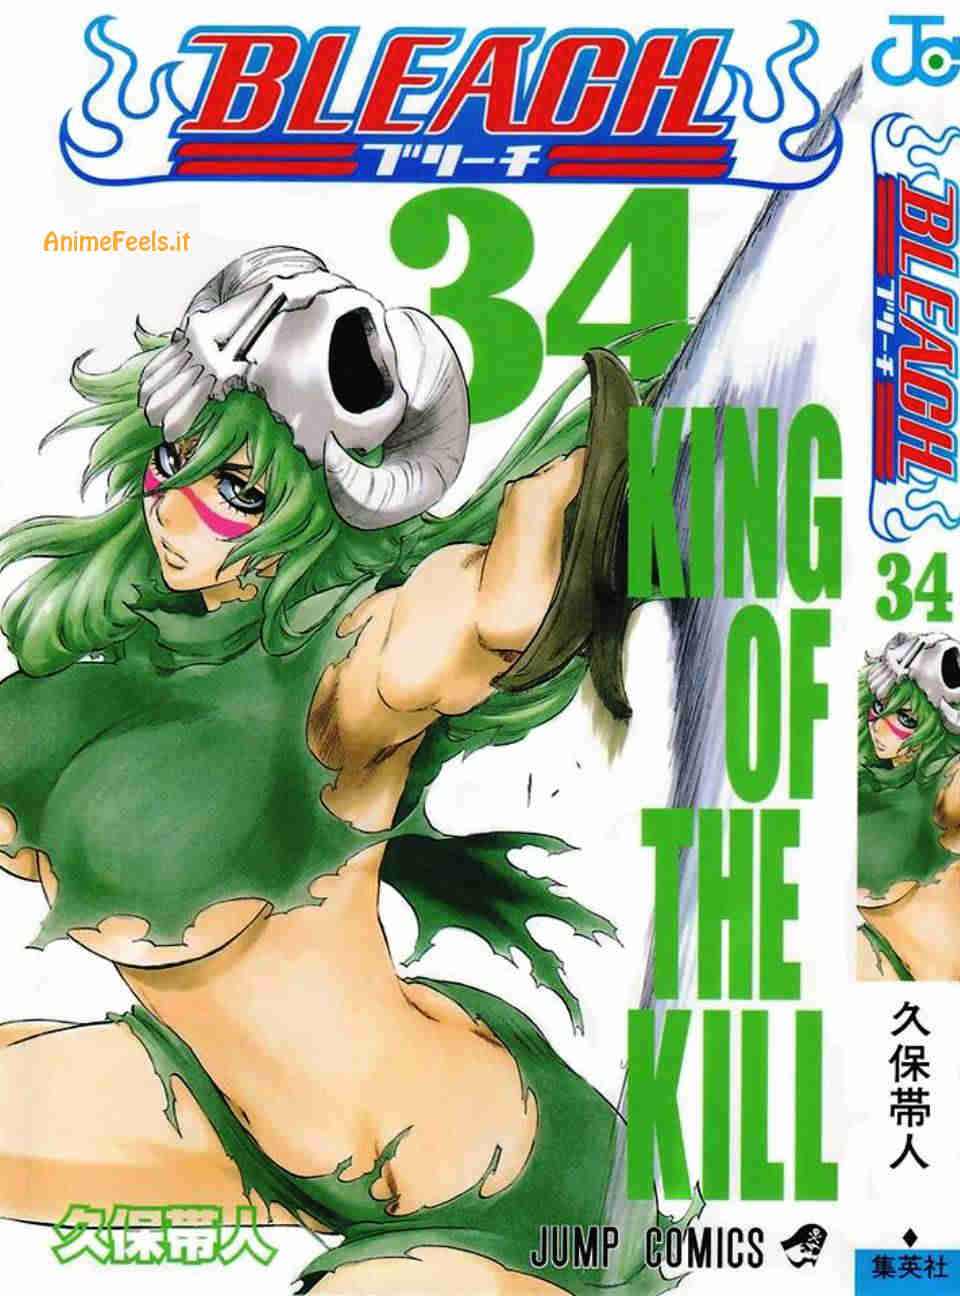 Bleach Manga 6